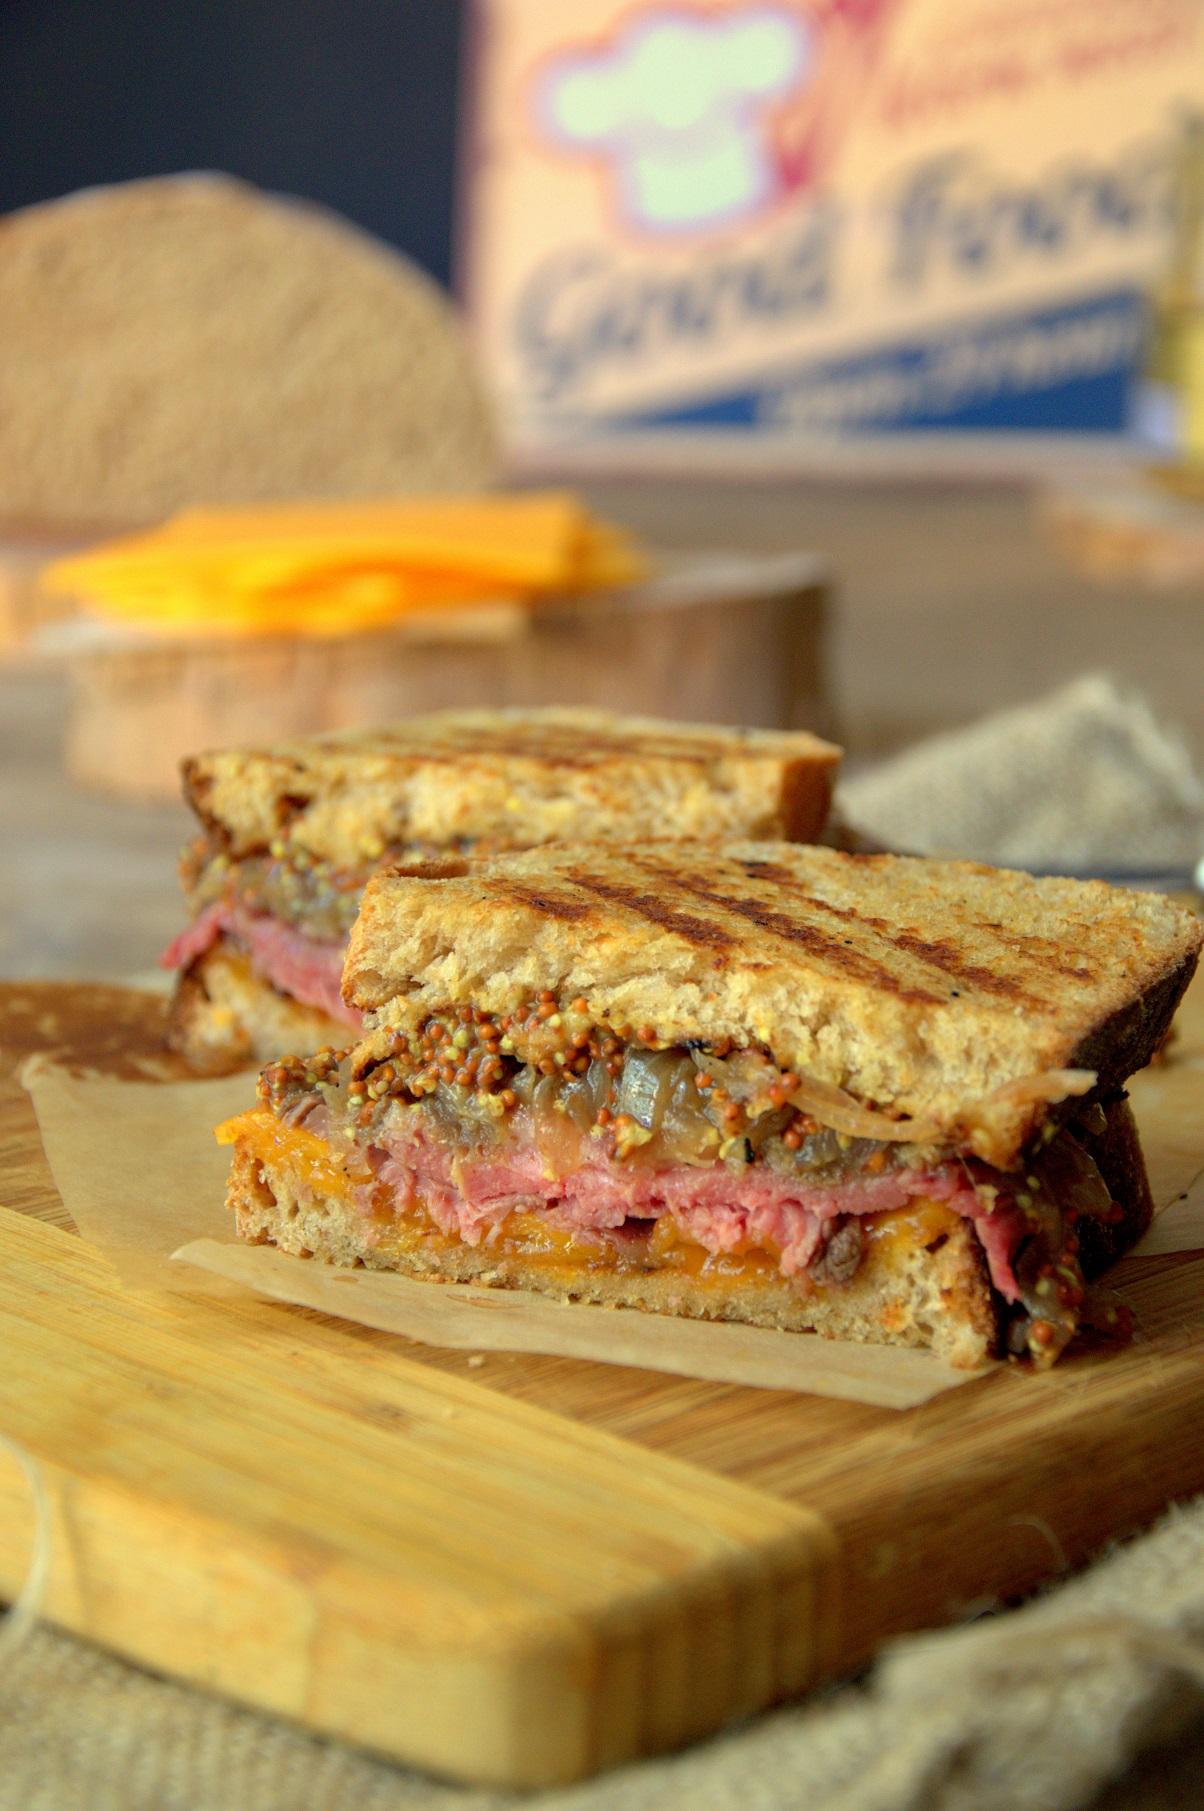 Sandwich de Roast Beef - Organizados